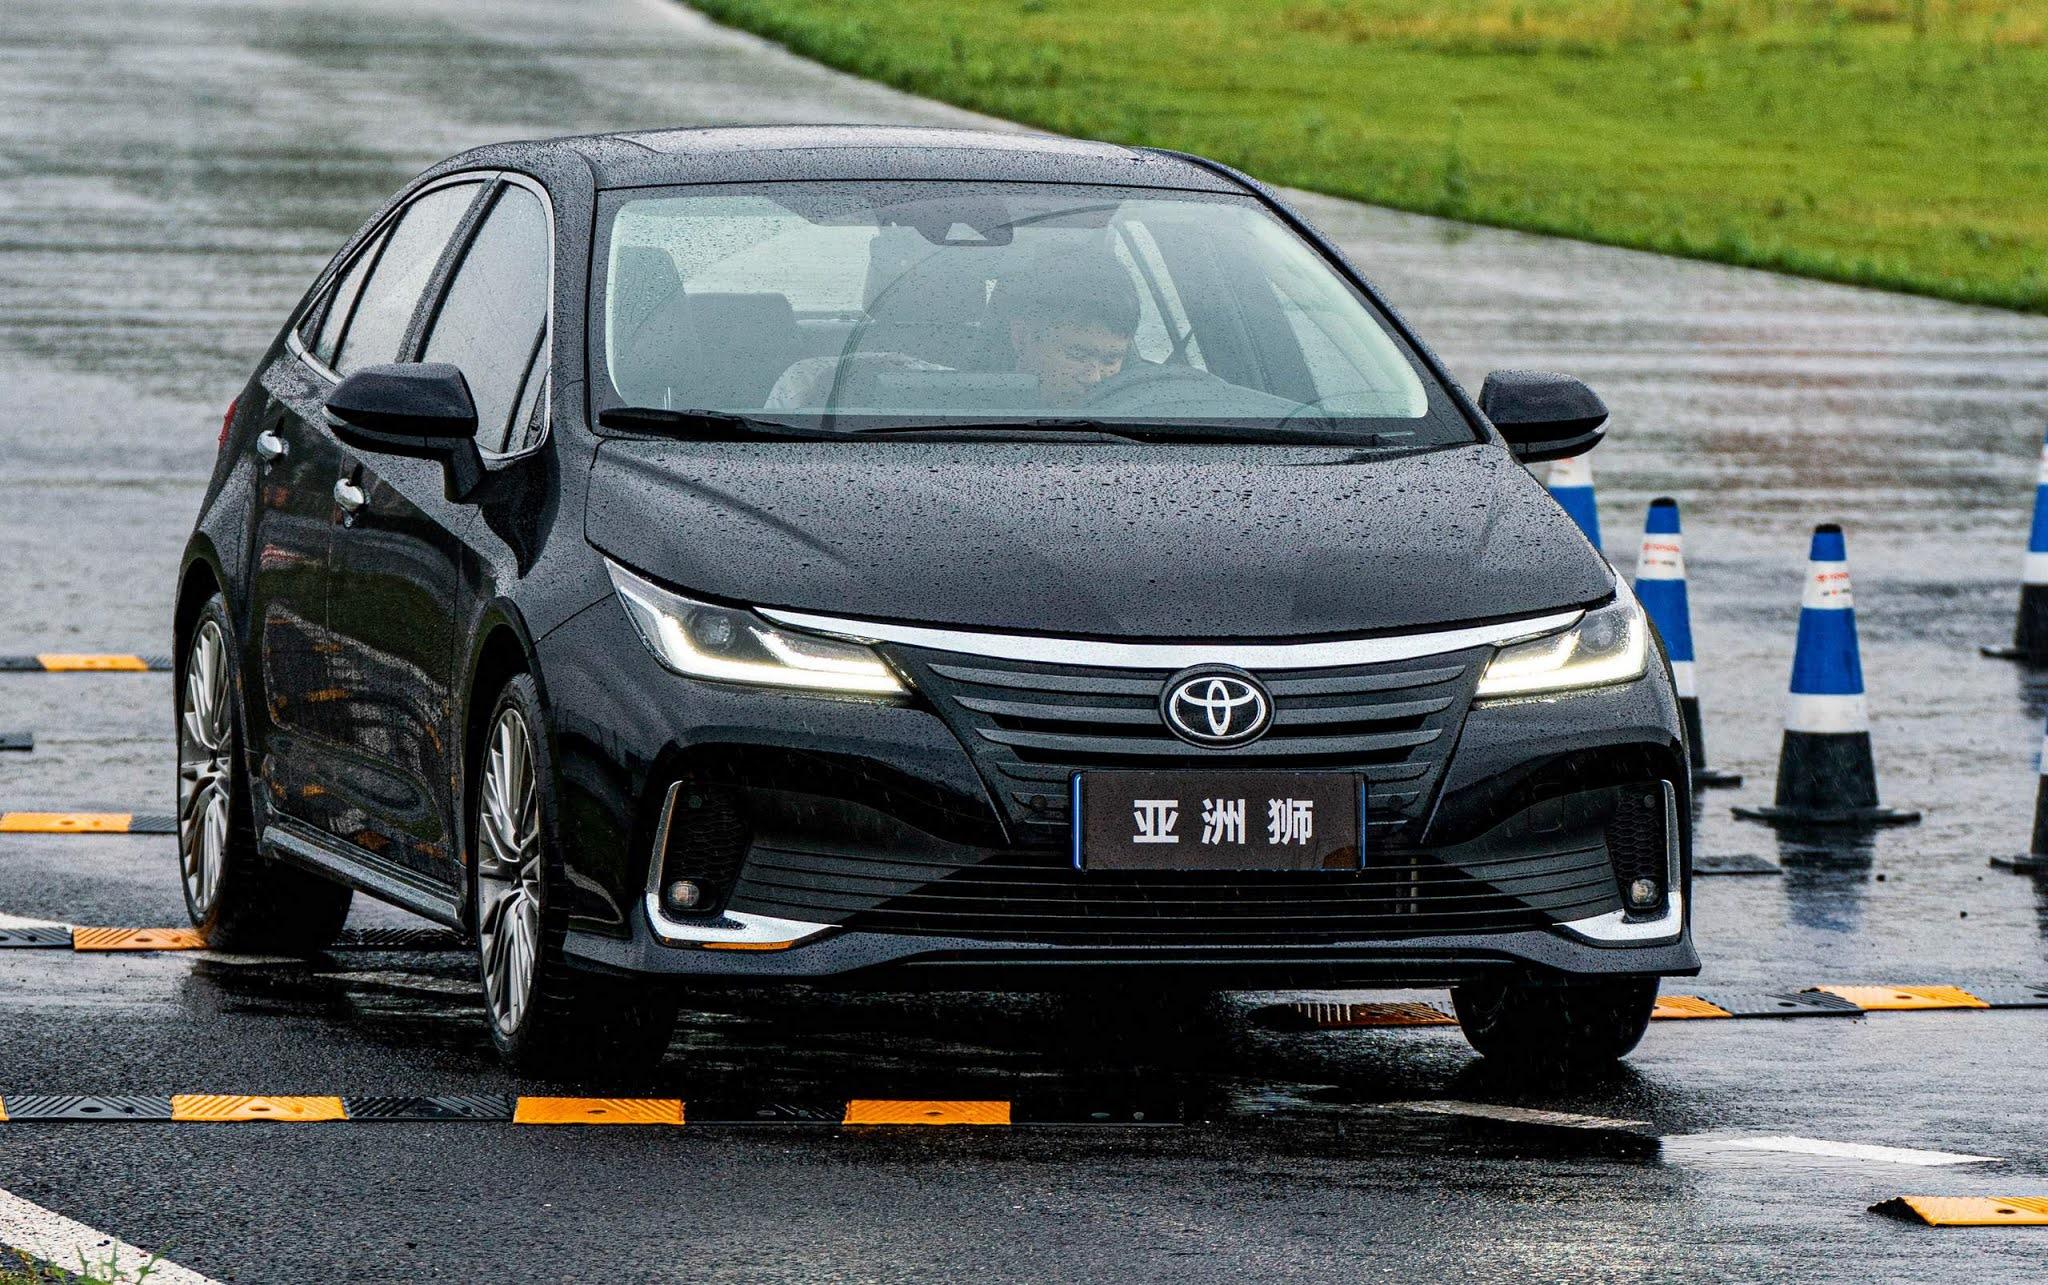 Vendas de carros na China caem 12,4% em junho por falta de semicondutores